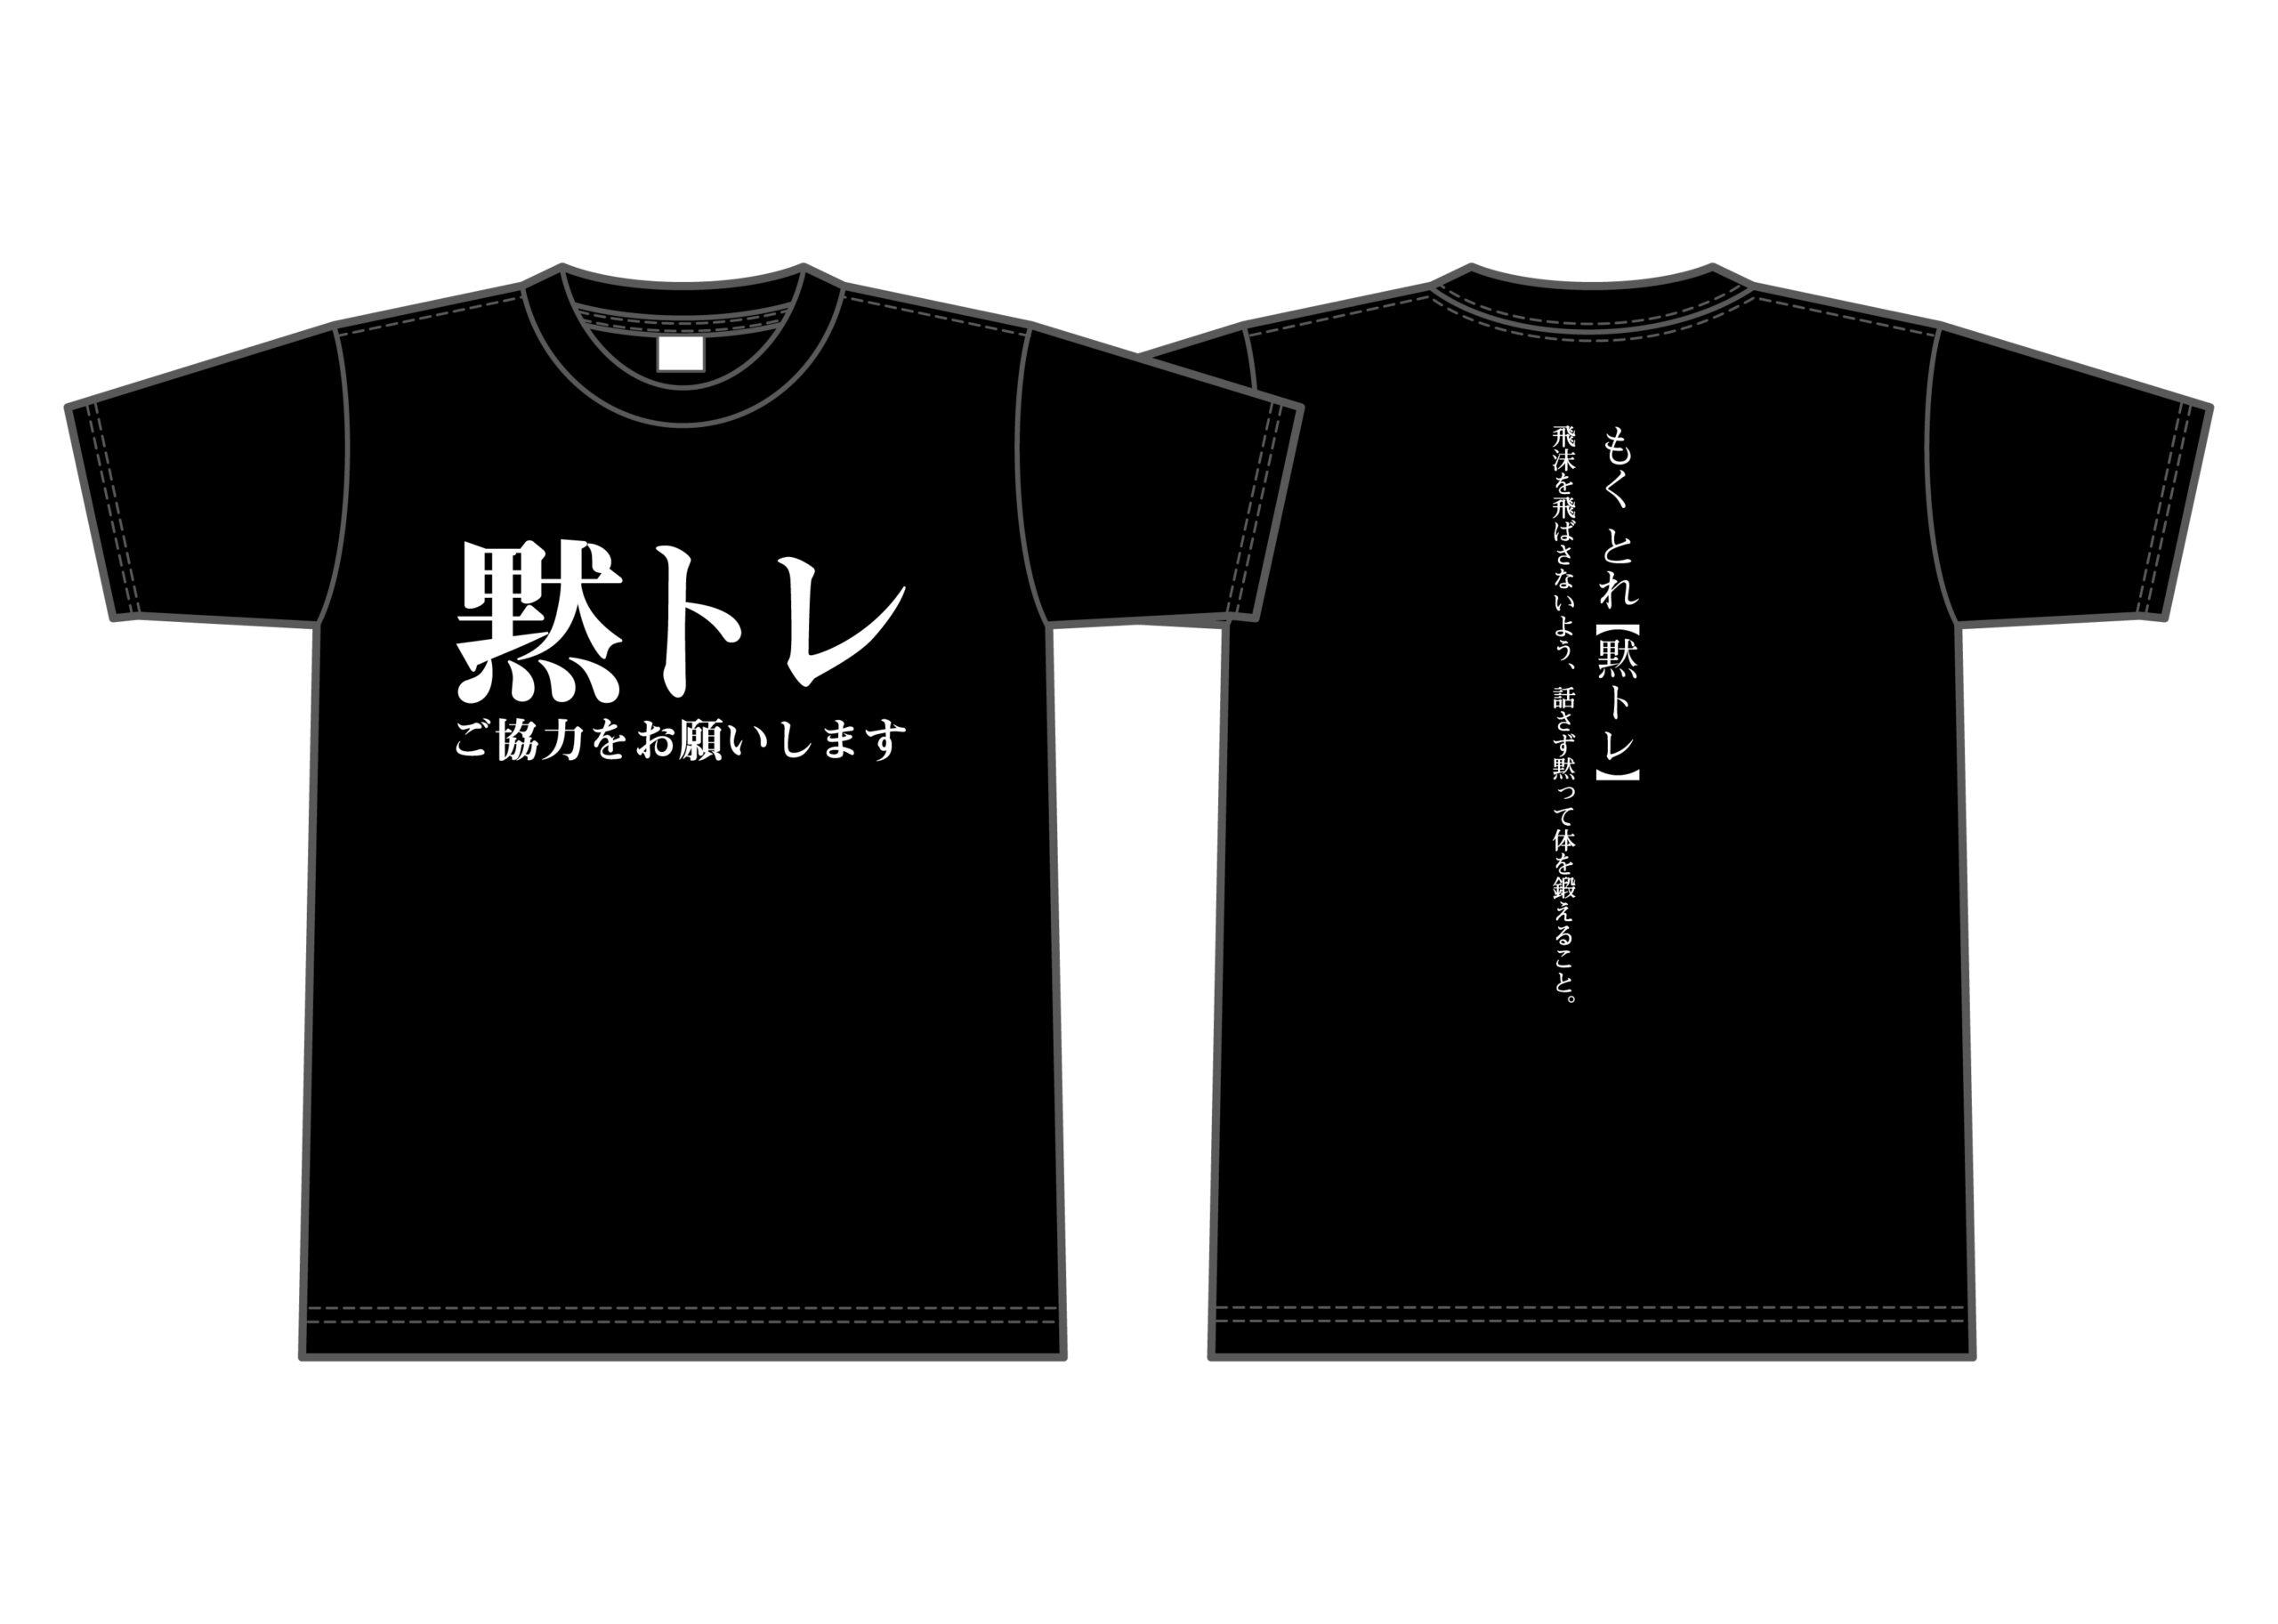 黙トレTシャツ